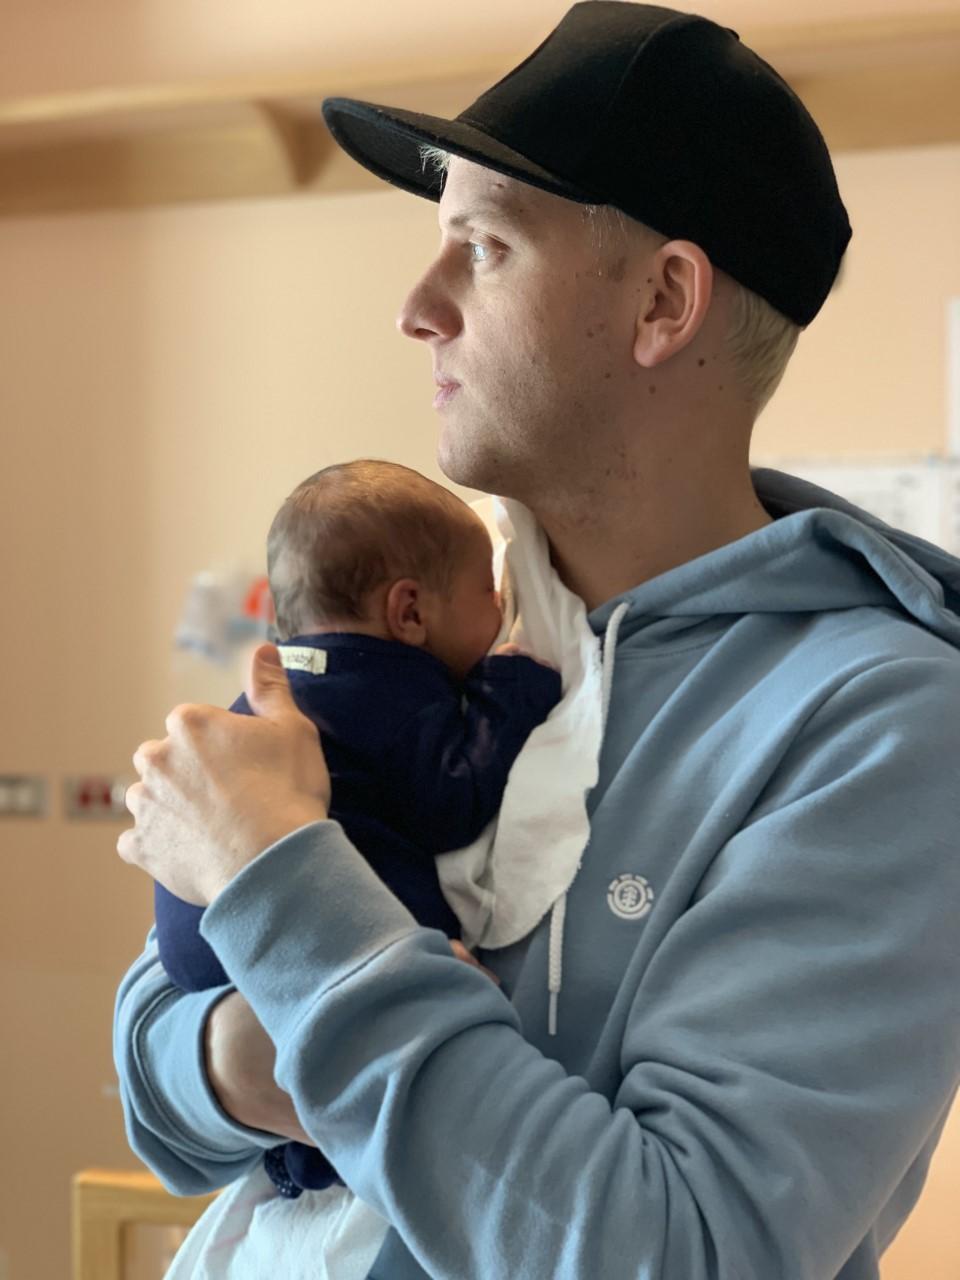 Jordan Janzen with his newborn son Aiden.